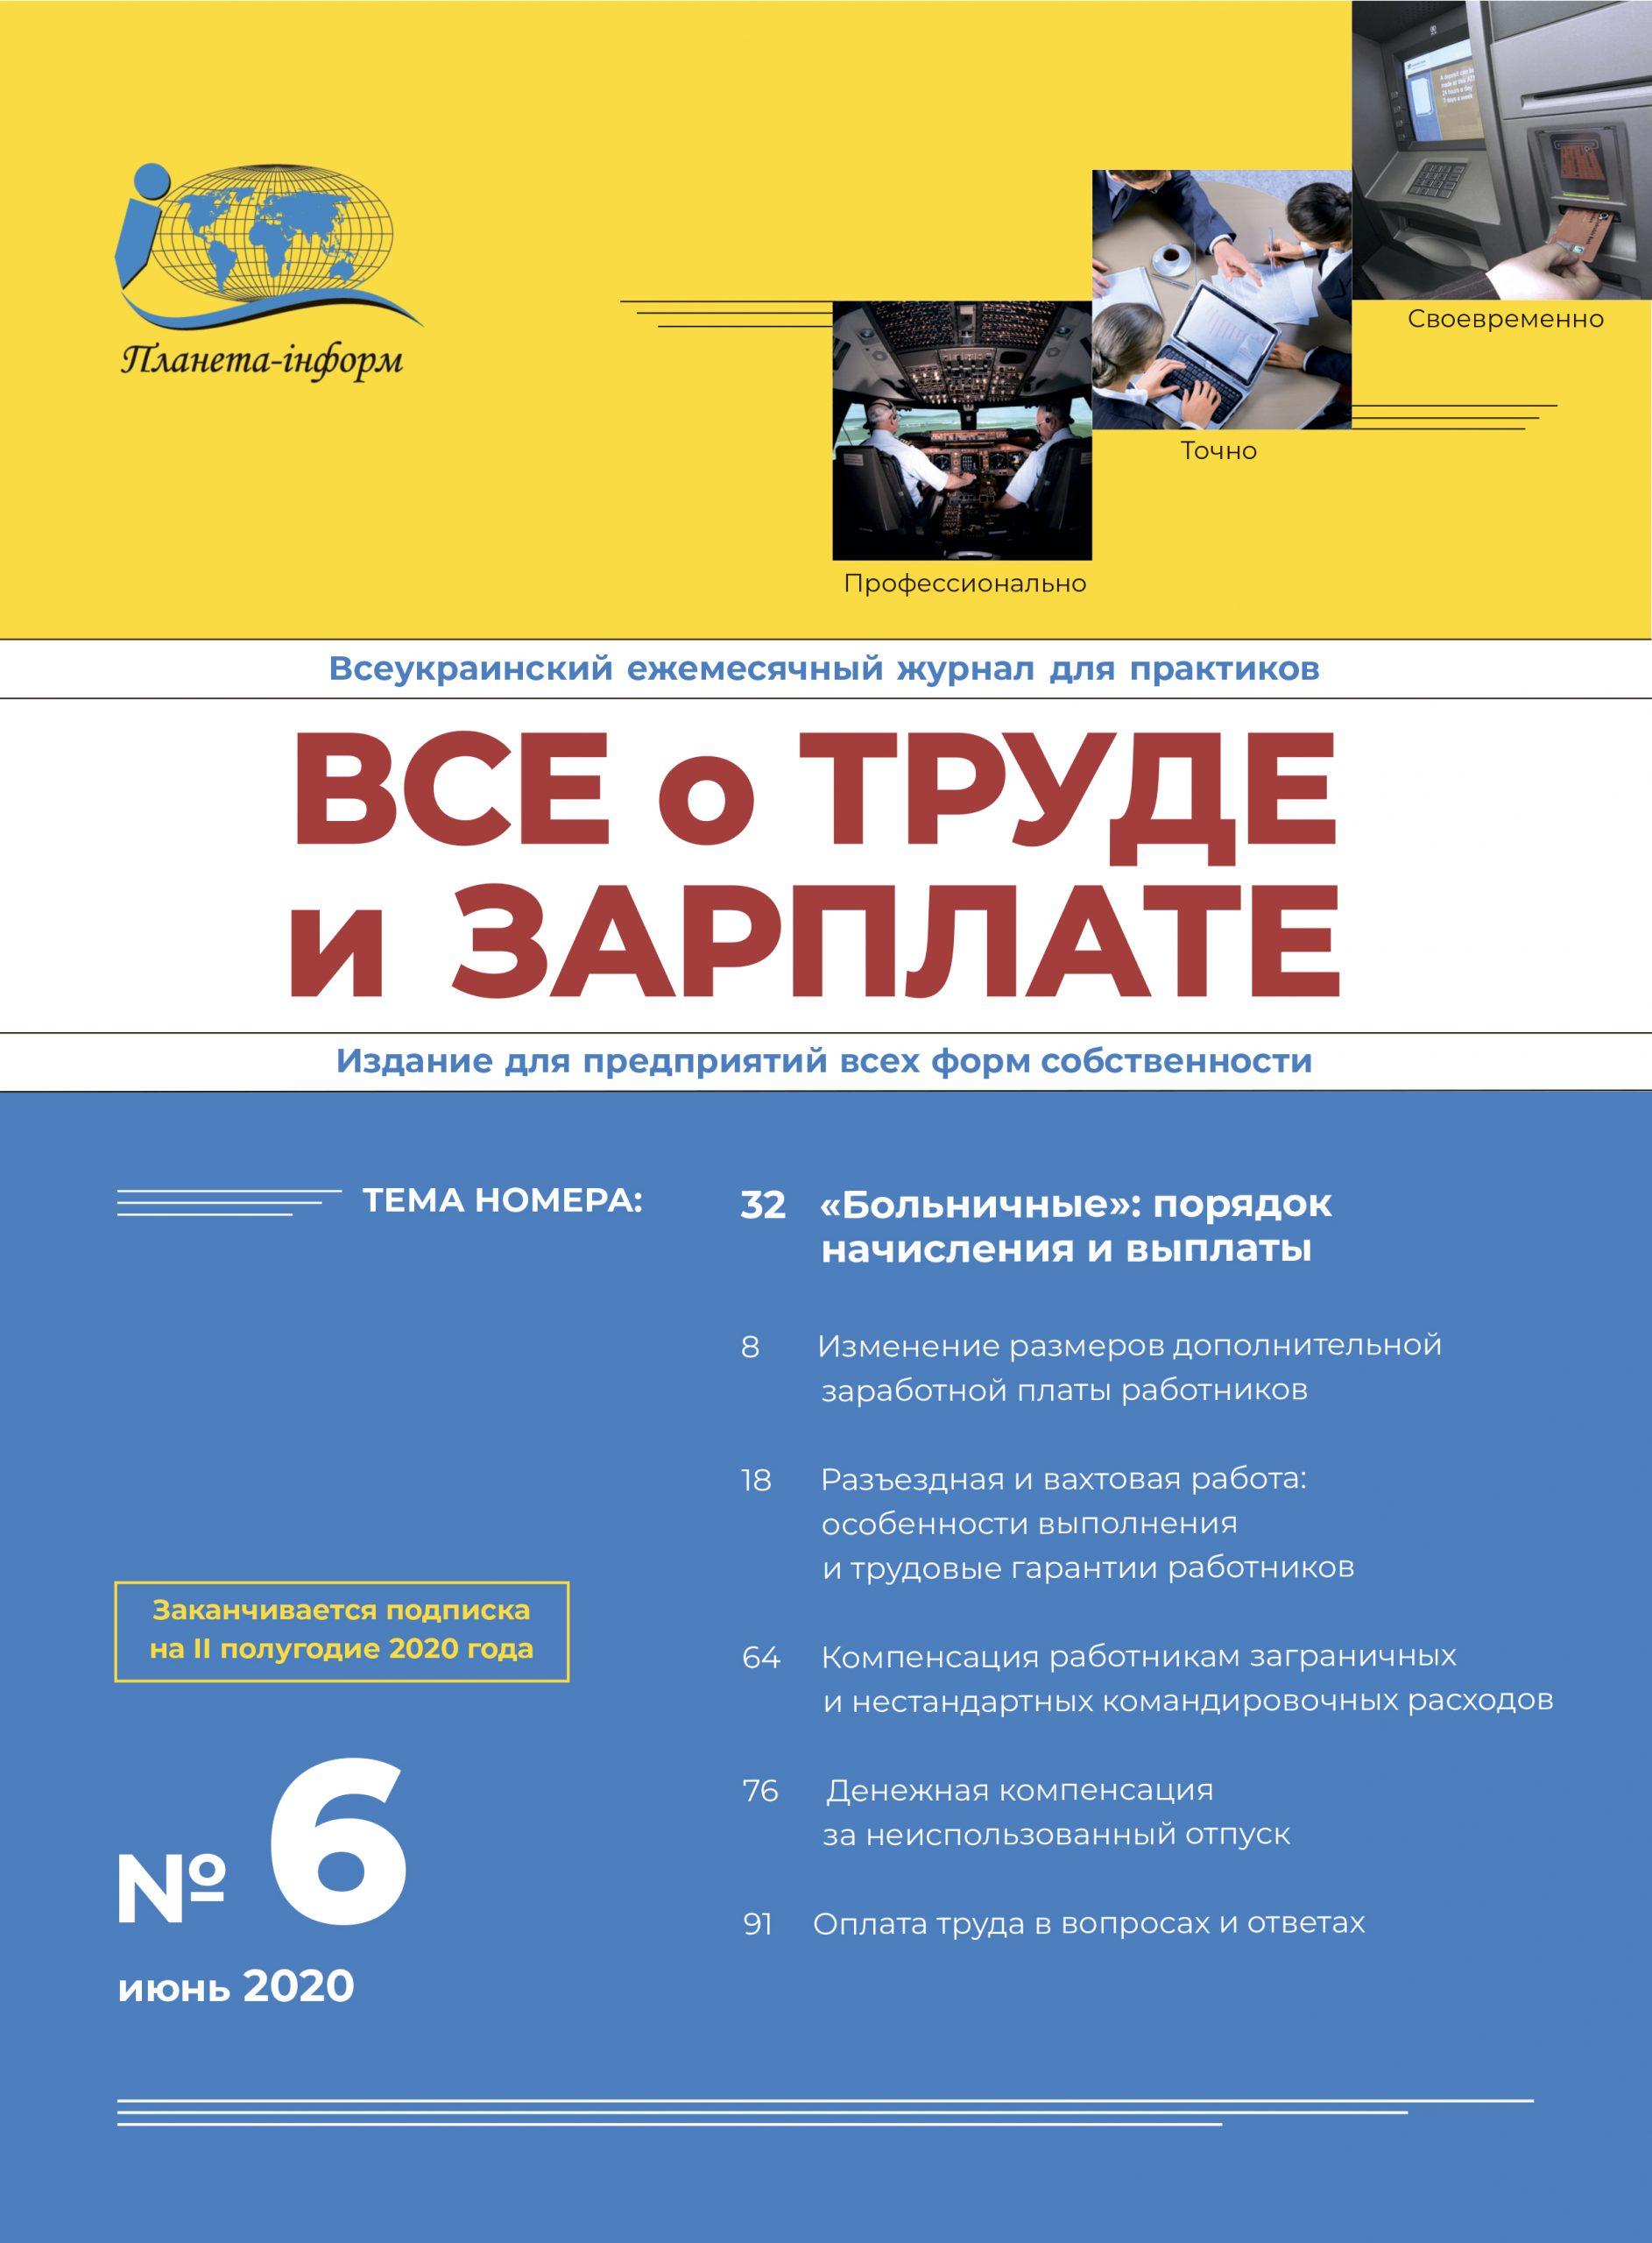 Журнал «Все о труде и зарплате» № 6/2020